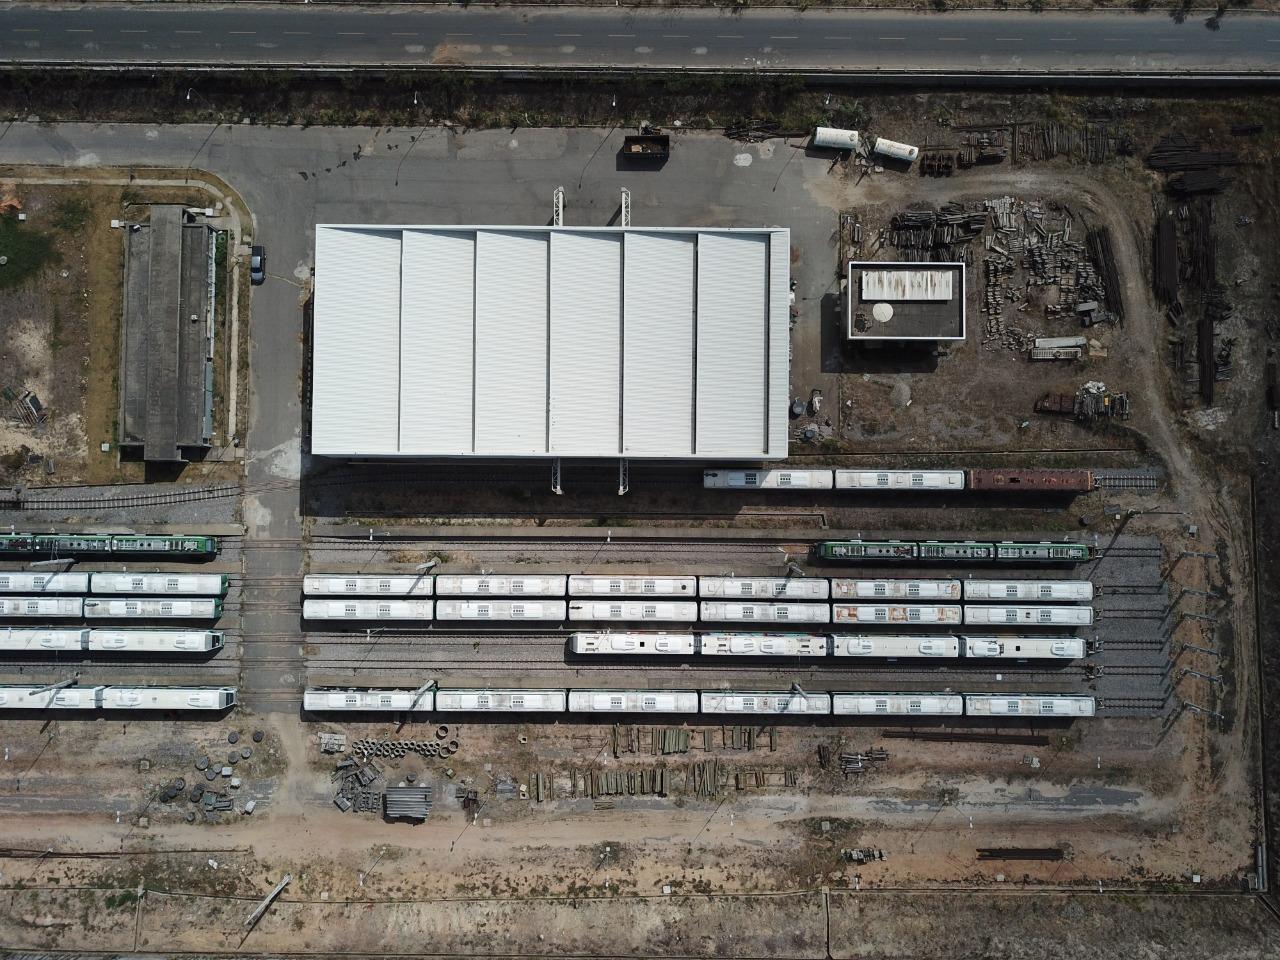 Metrofor doará trens da frota antiga à CBTU